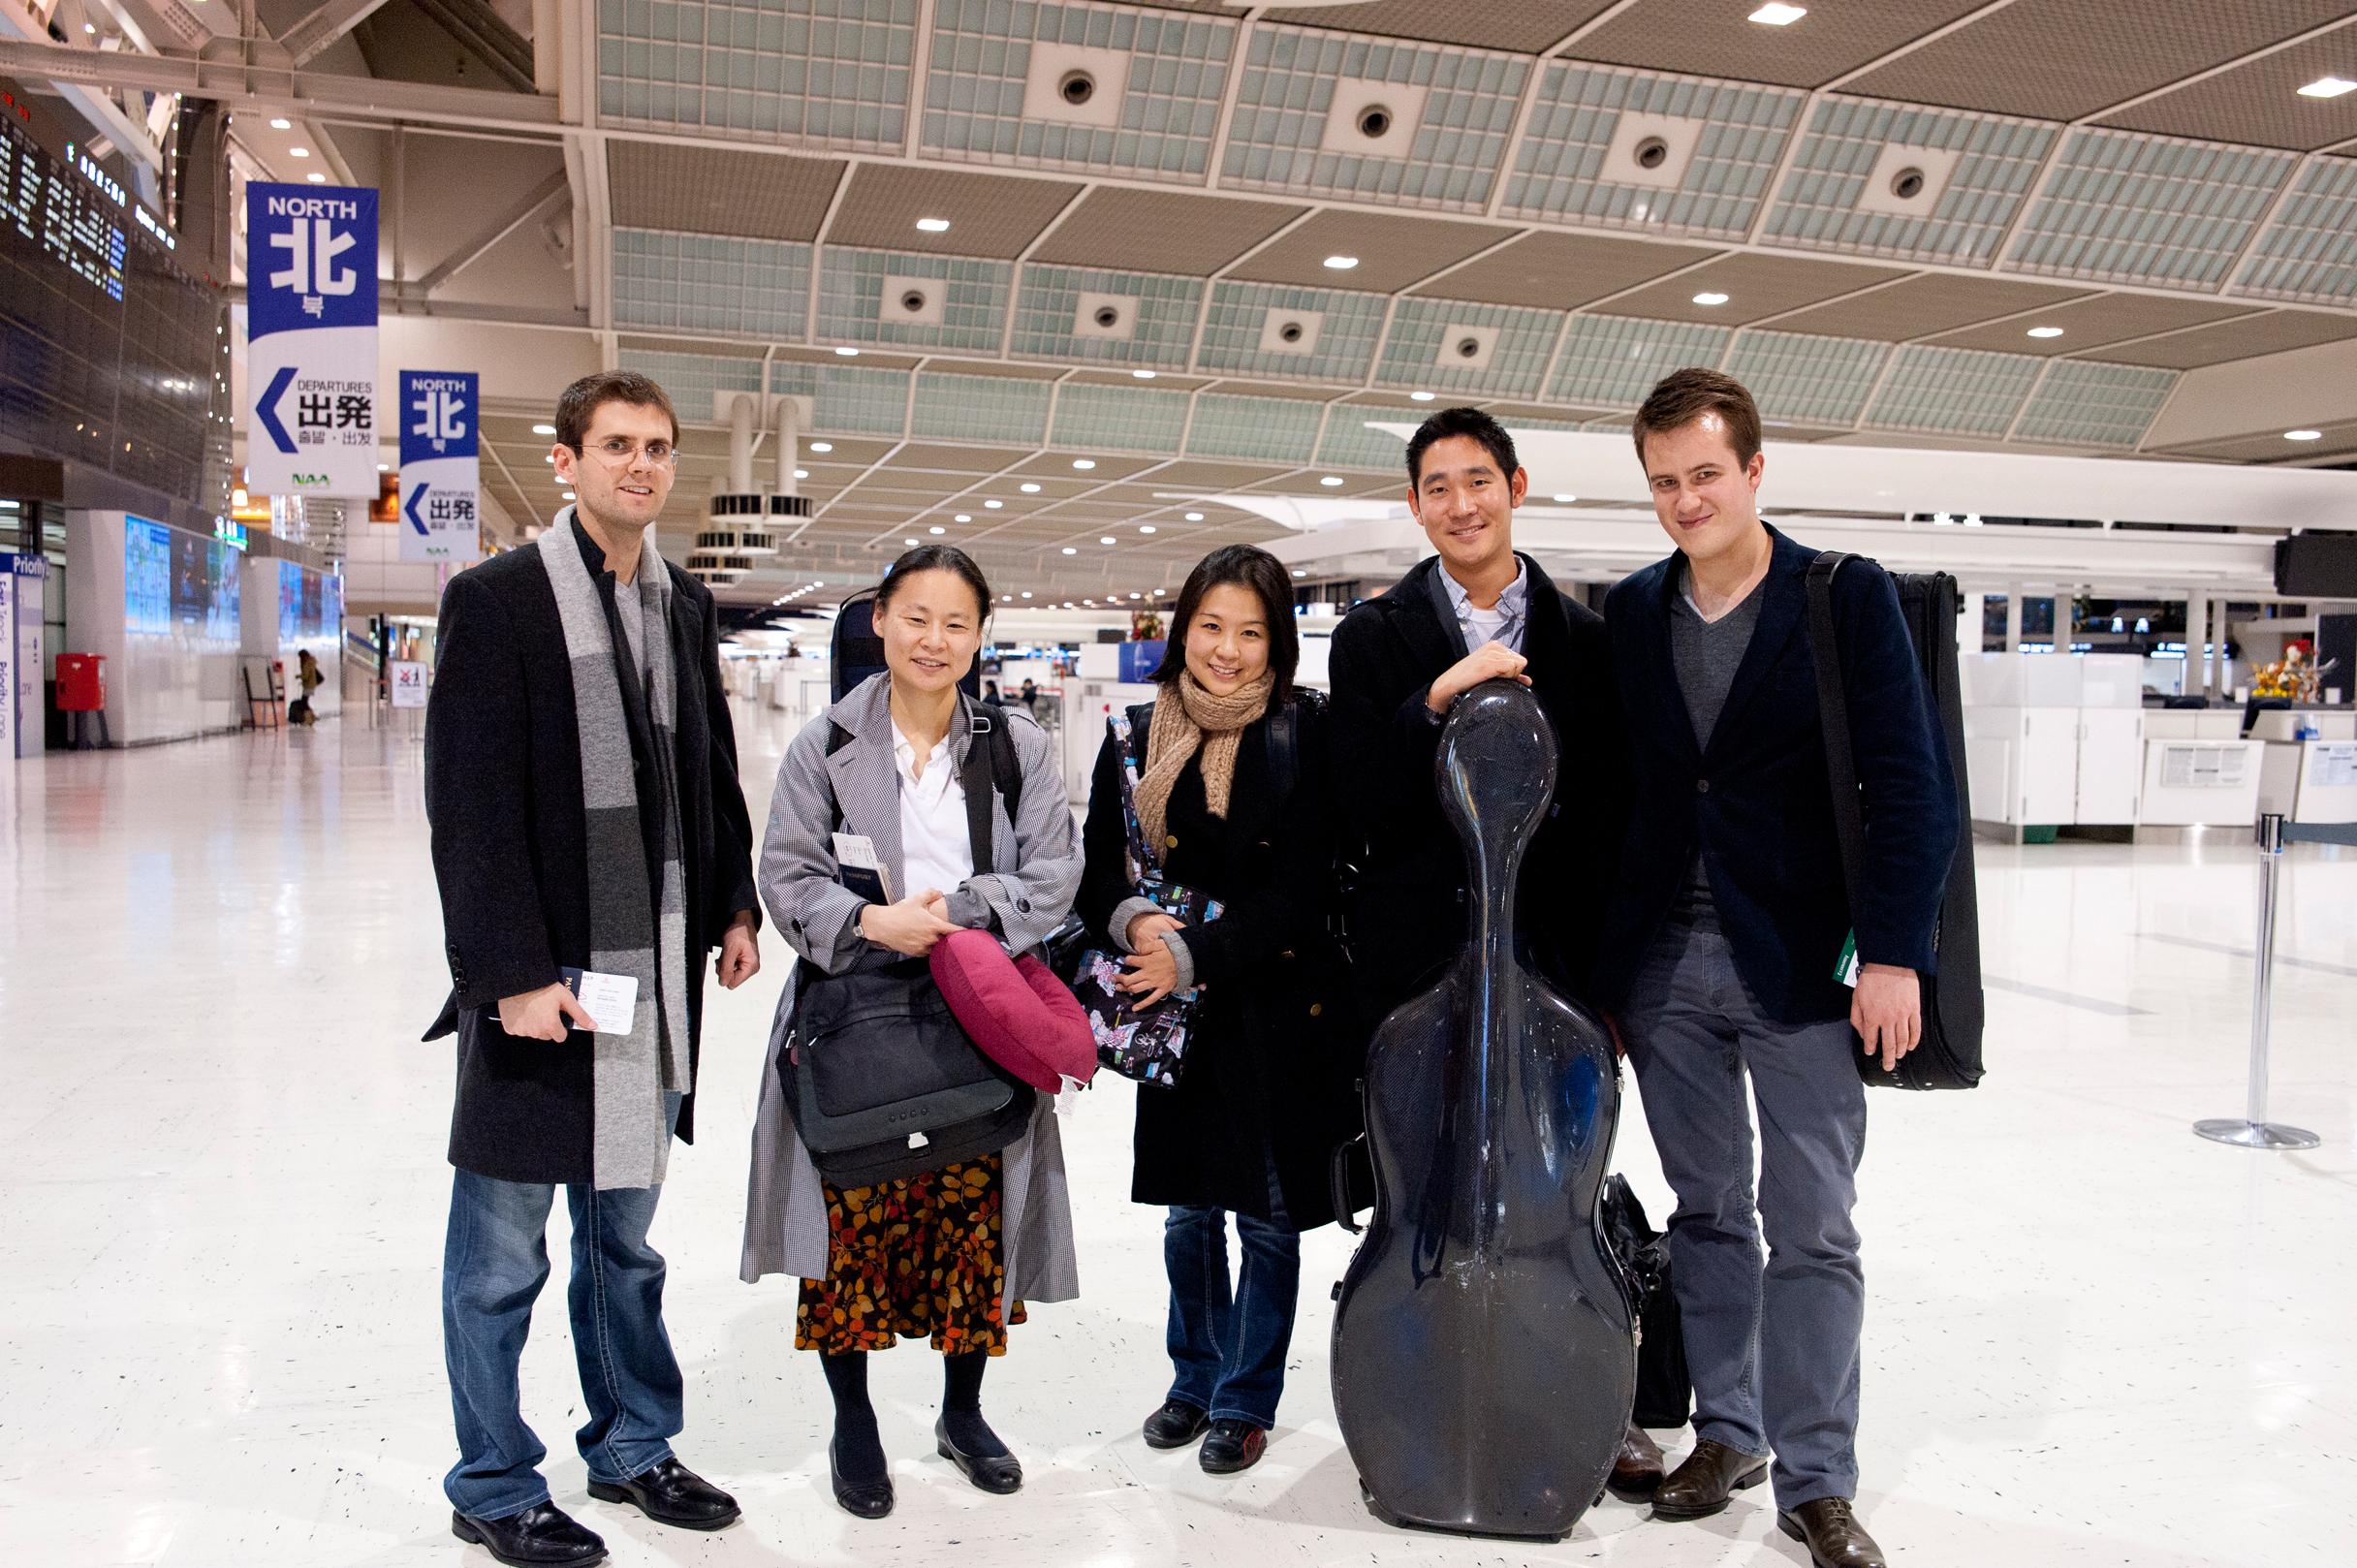 with Midori Goto, Samika Honda, Hiro Matsuo, and Will Frampton at Narita Airport in Tokyo. Photo by Shinobu Suzuki.